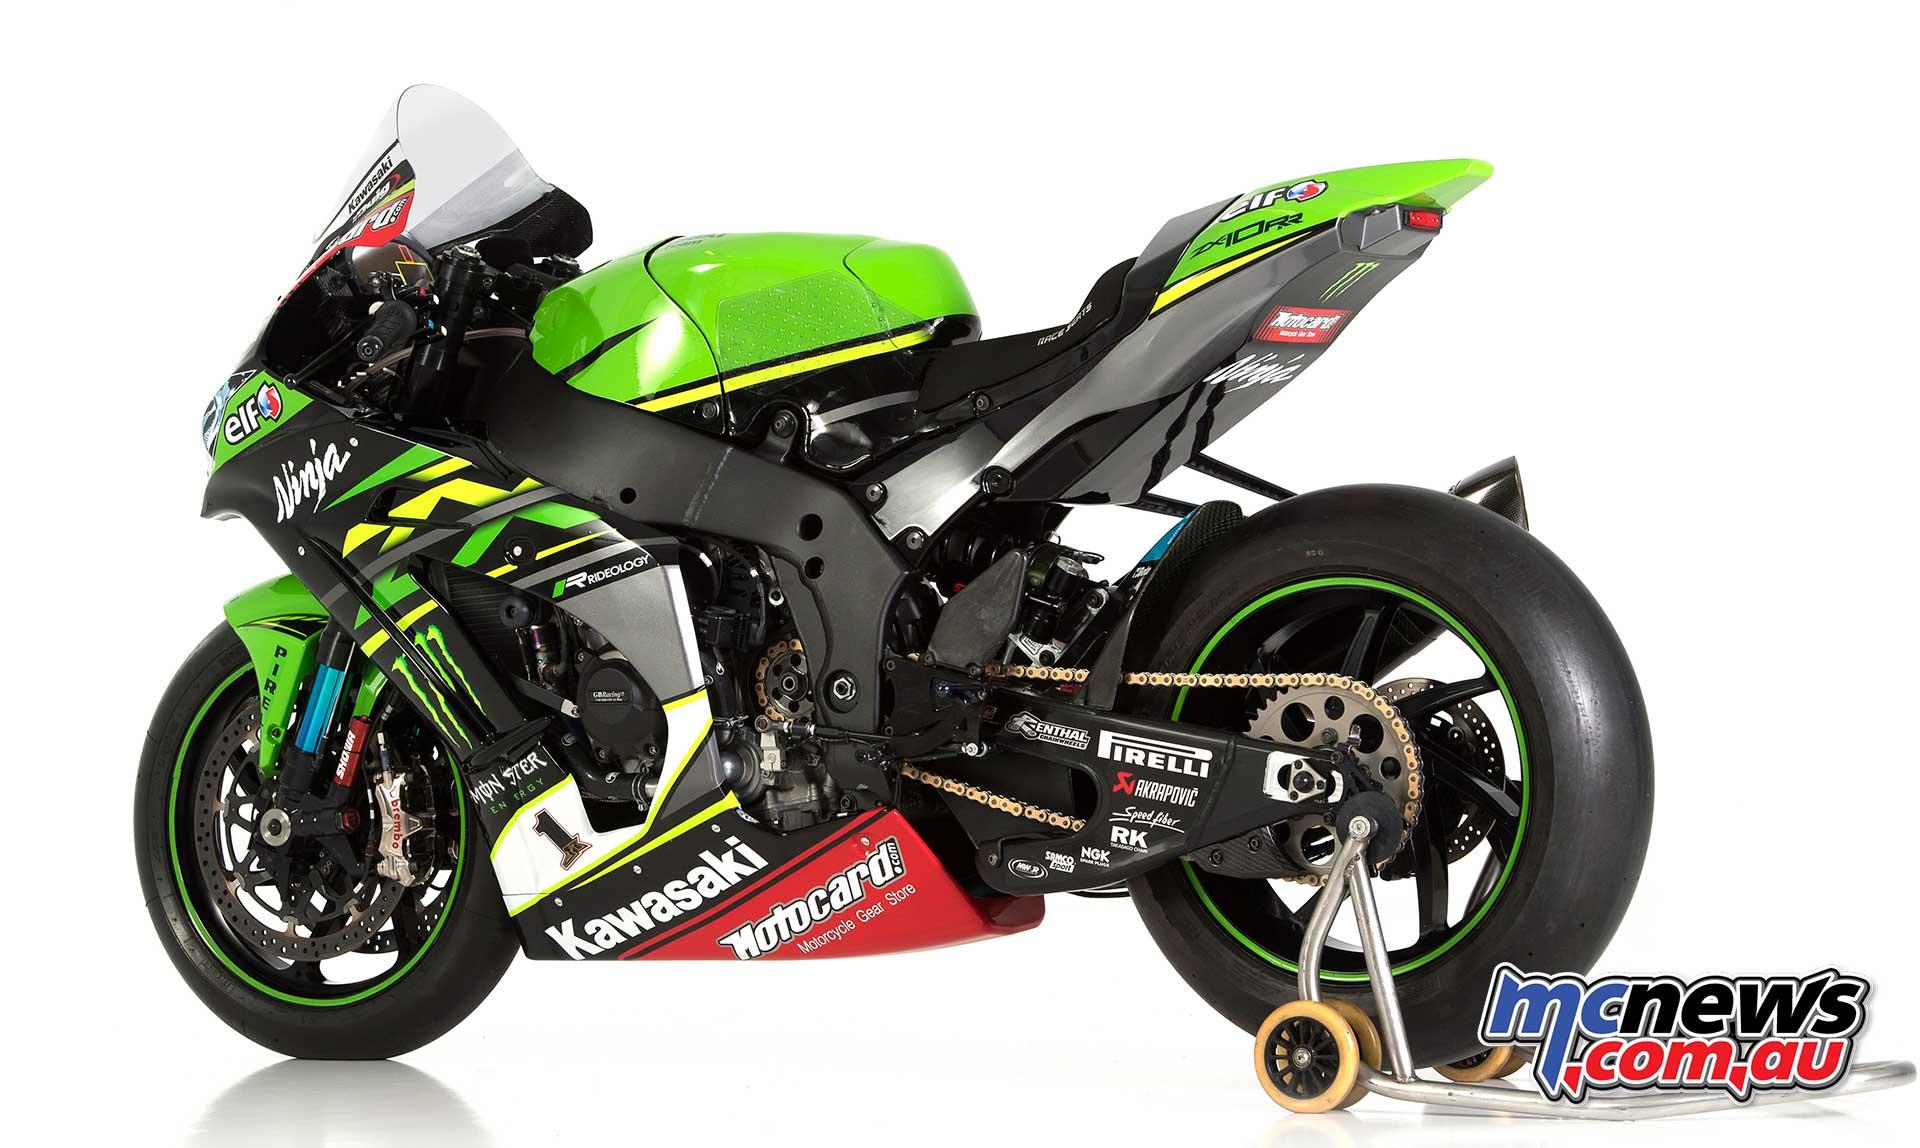 New Kawasaki Ninja Zx Rr